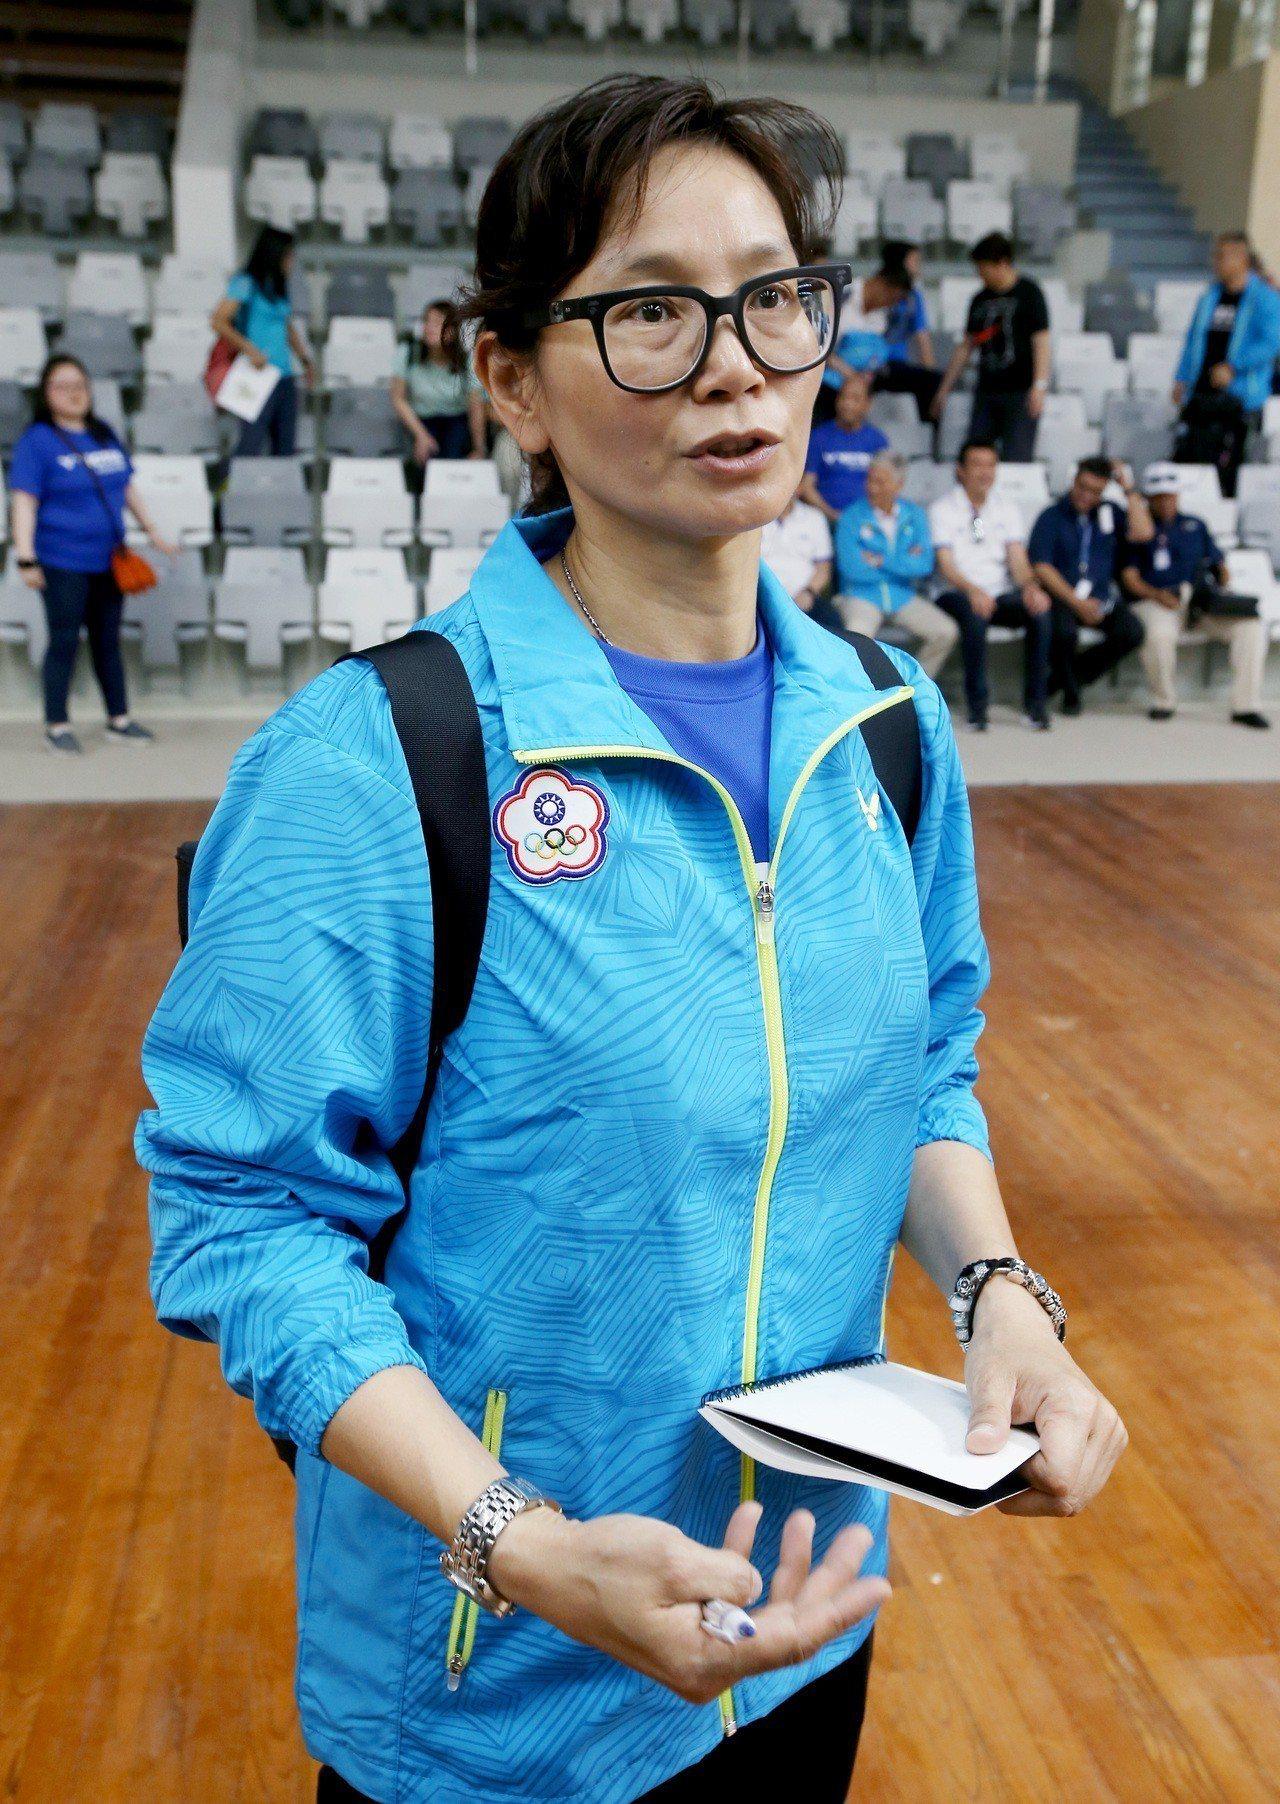 雅加達亞運羽球比賽場地出風口位置不佳,羽球教練李宜勳期待風向問題能夠改善。記者余...